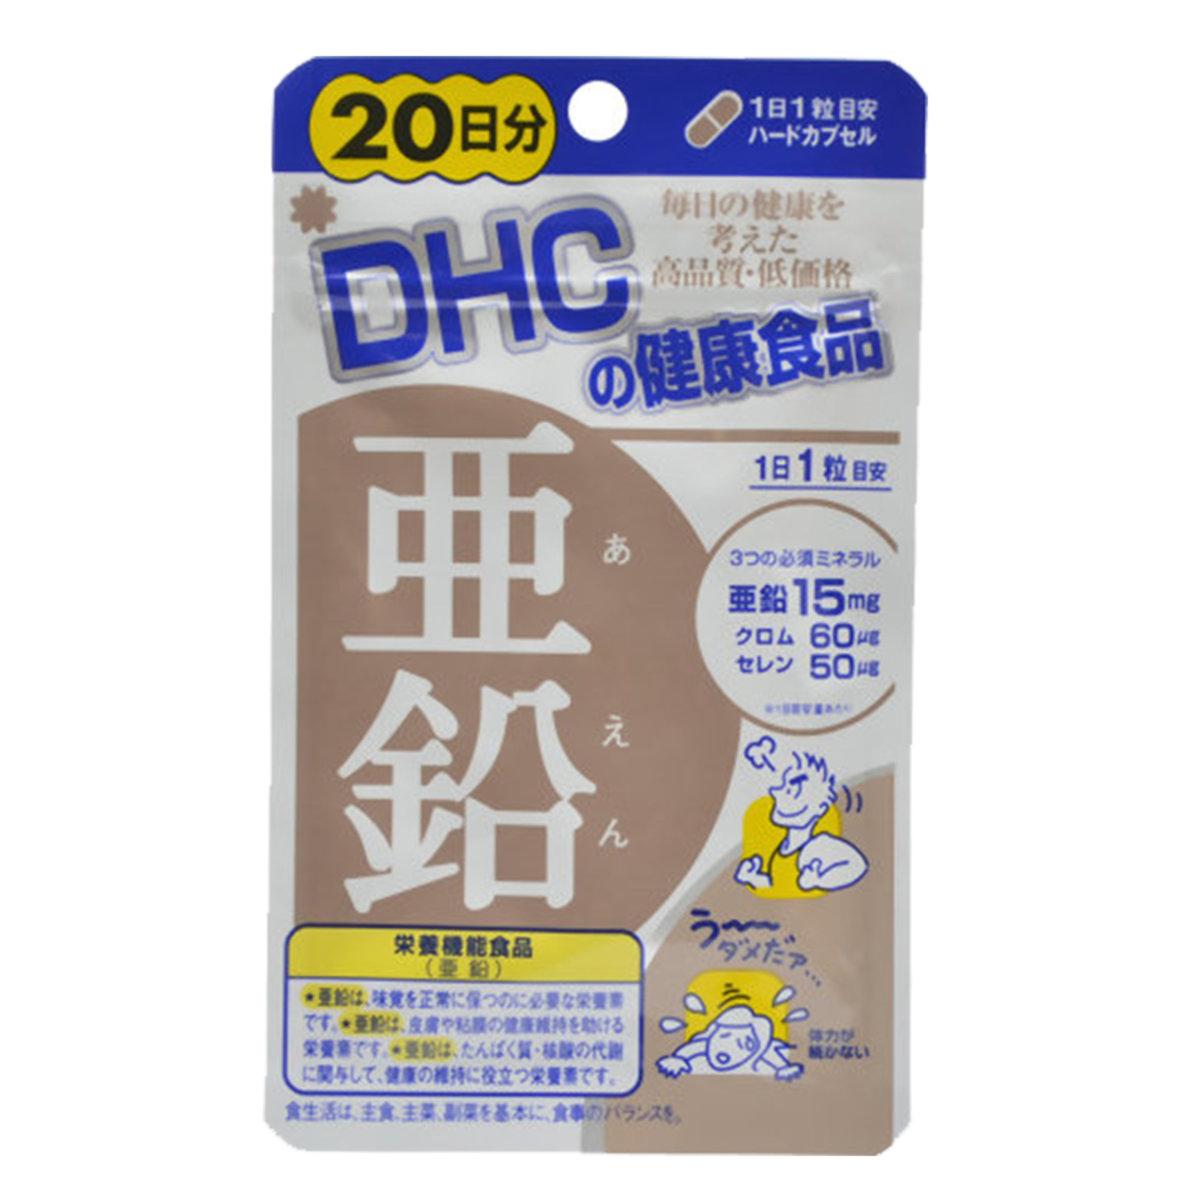 DHC 亞鉛活力鋅元素(20日份量) 20粒 (平行進口)